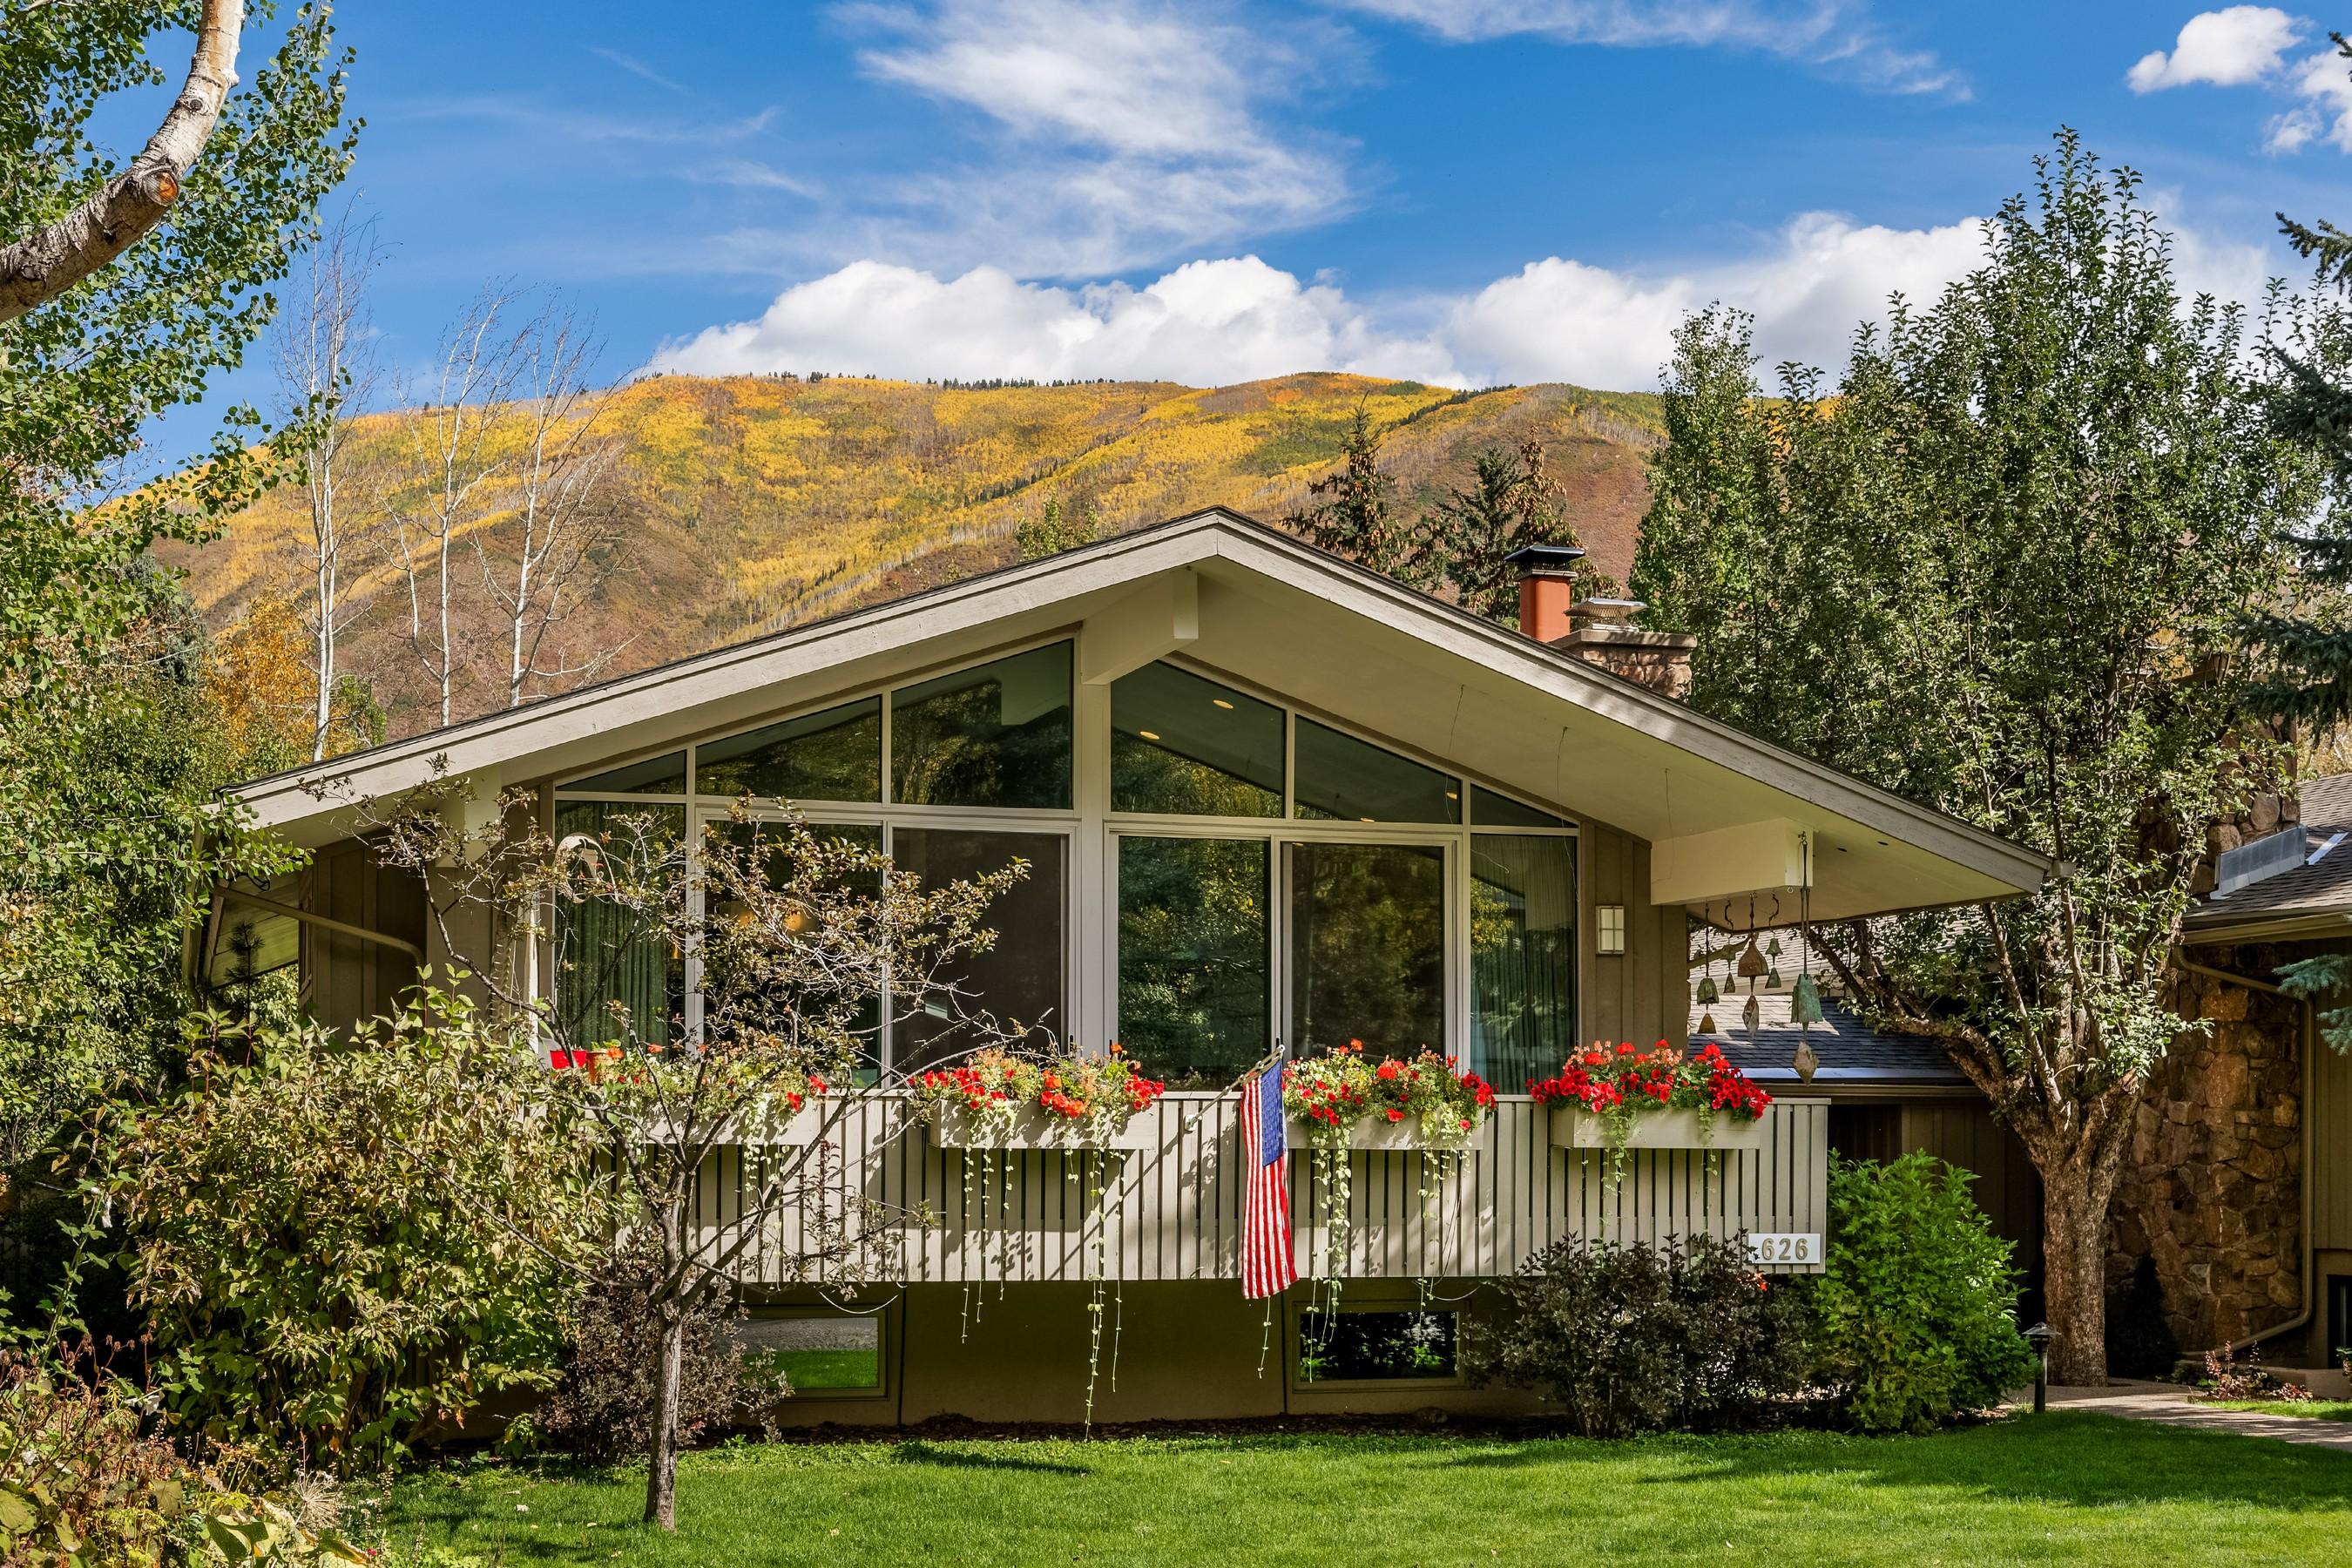 дуплекс для того Продажа на West End Winner 626 W Francis Street West End, Aspen, Колорадо, 81611 Соединенные Штаты